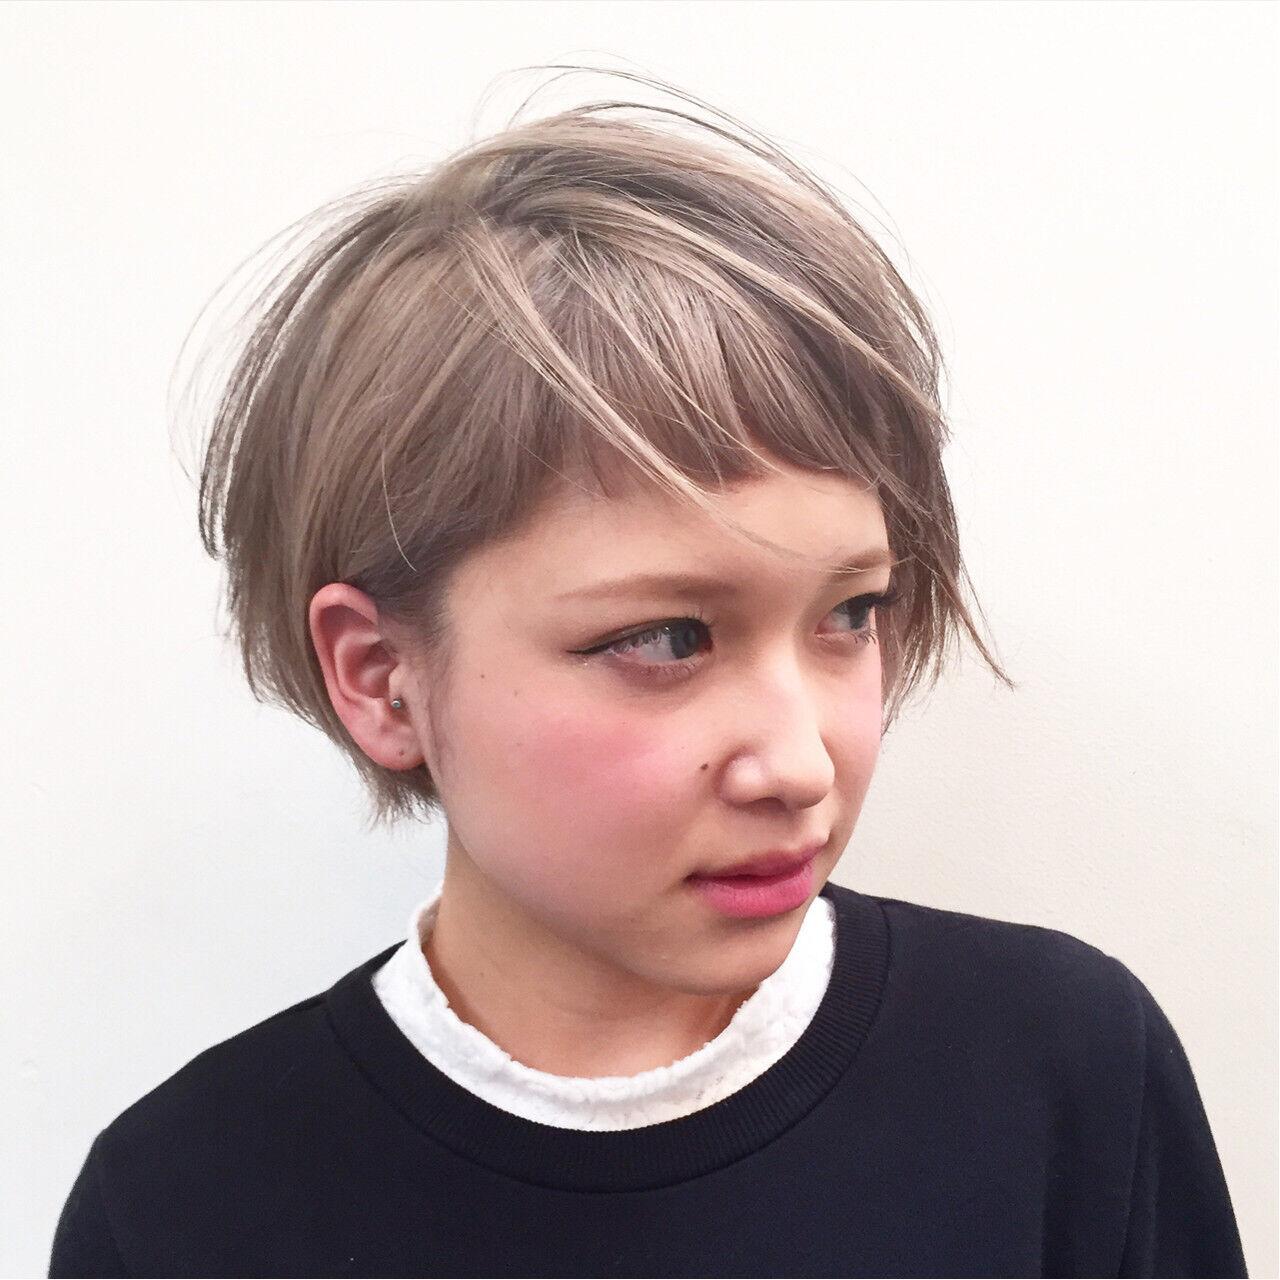 グラデーションカラー ストリート ピュア ハイライトヘアスタイルや髪型の写真・画像